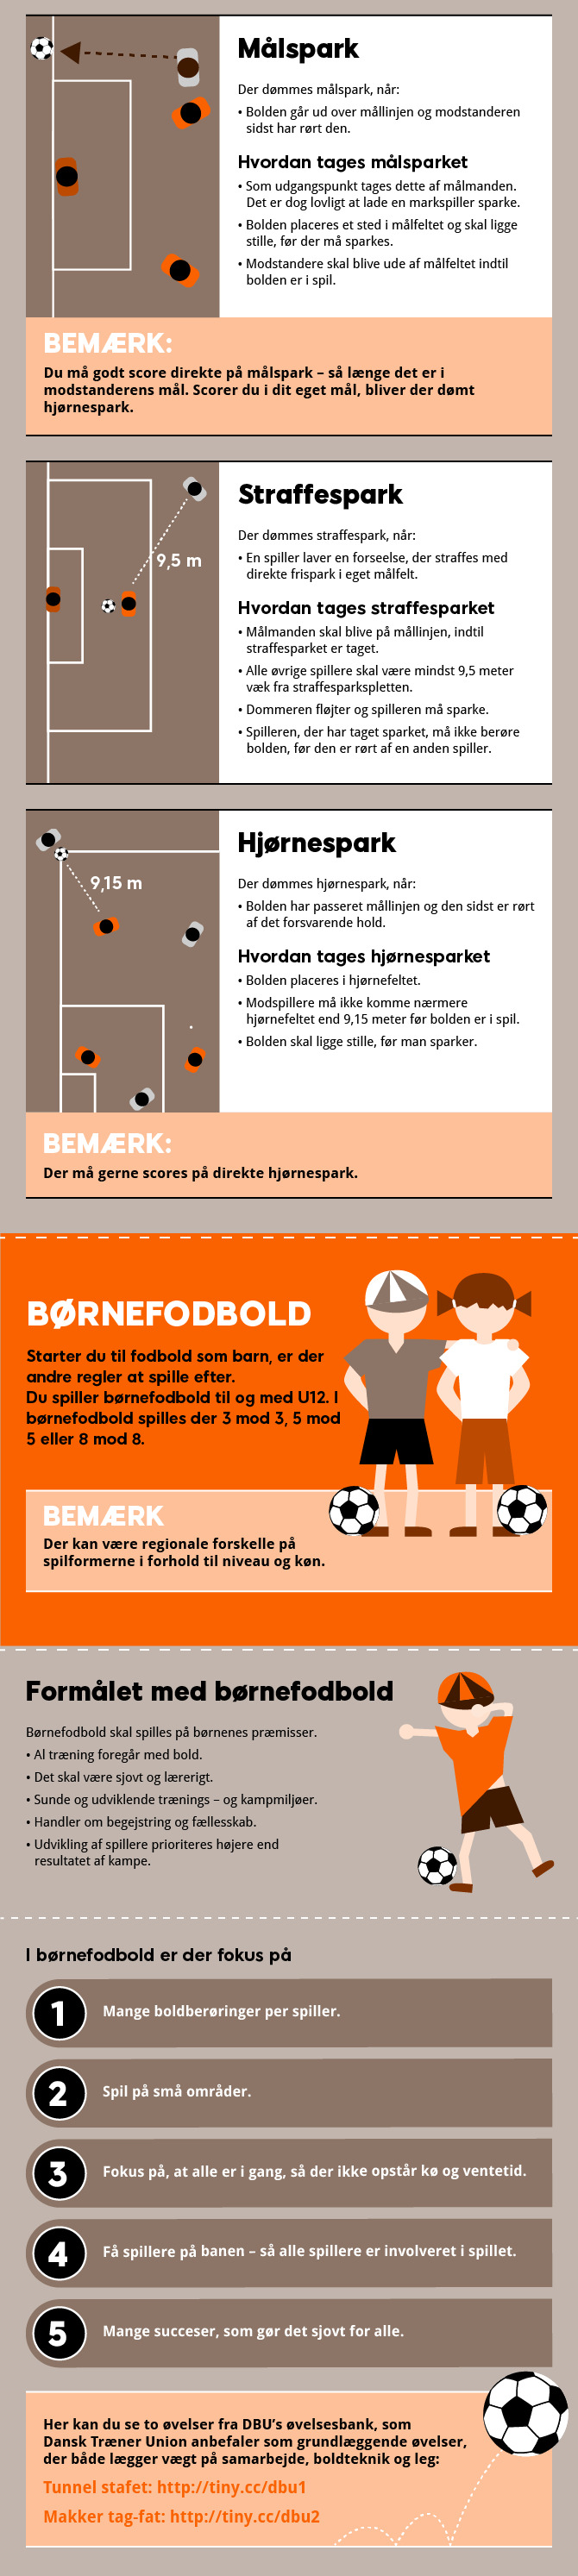 Kend_din_fodbold_04_05